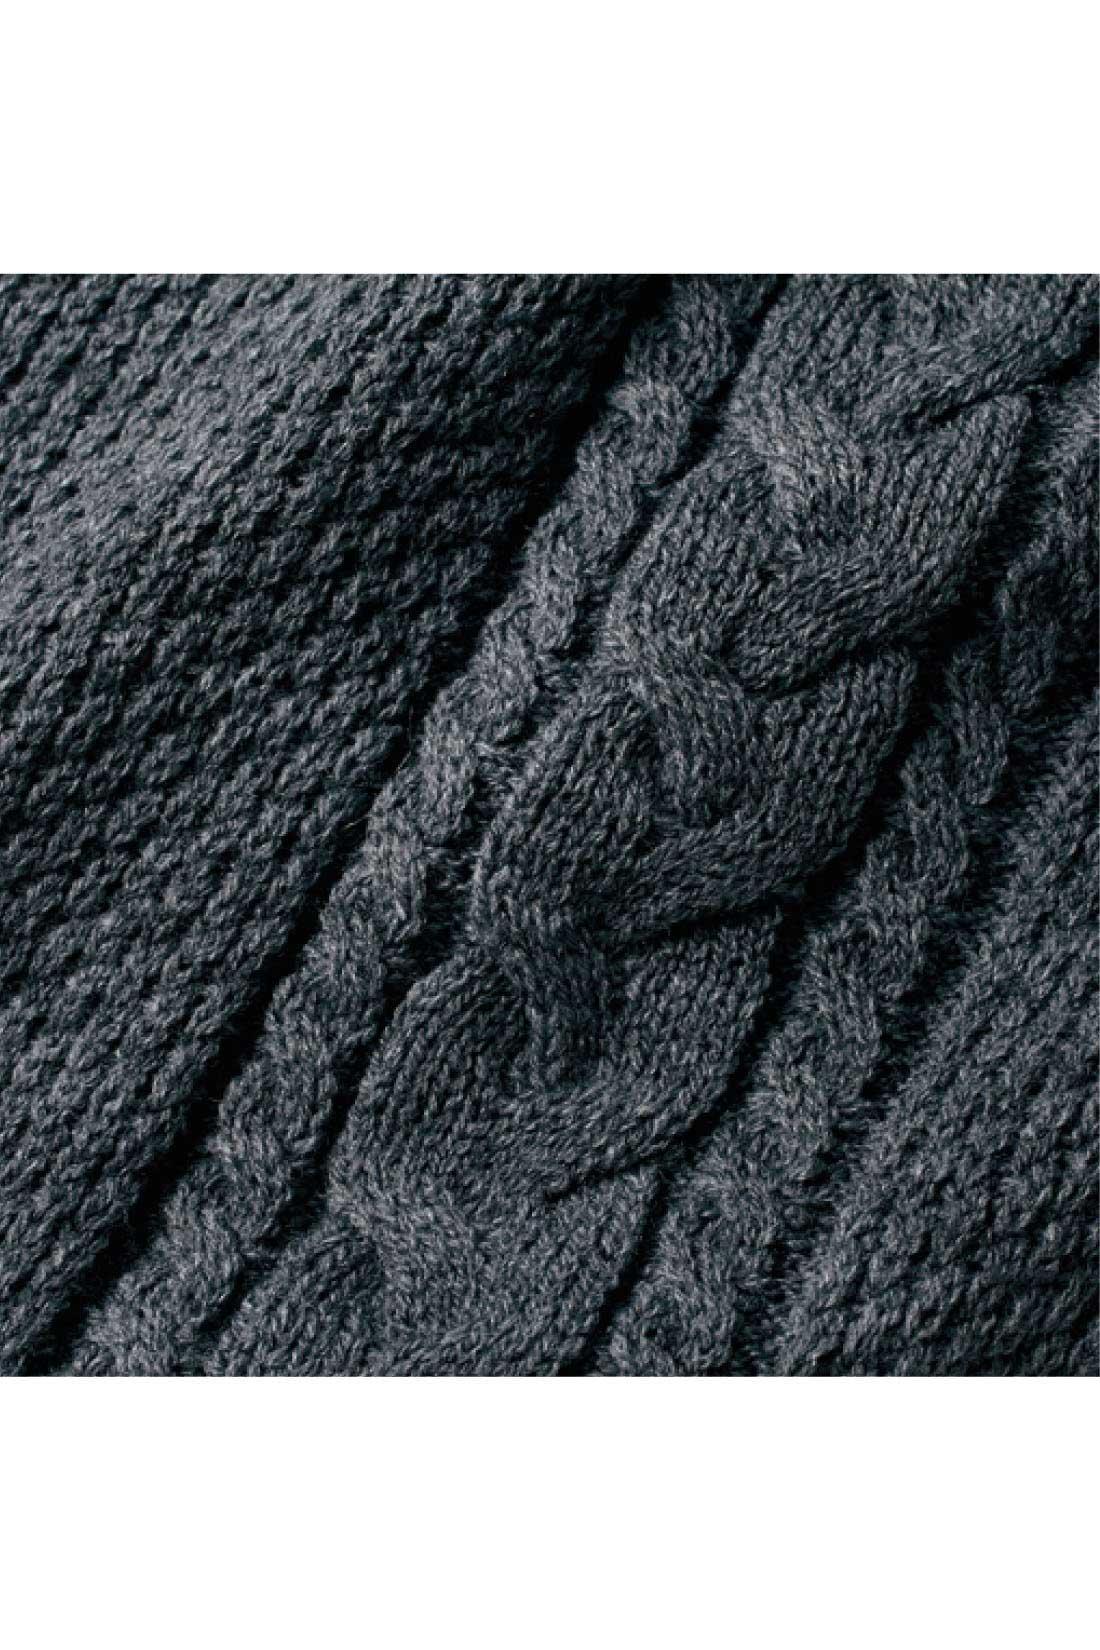 縦に入れたケーブル編みでスッキリ細見せ。 ※お届けするカラーとは異なります。